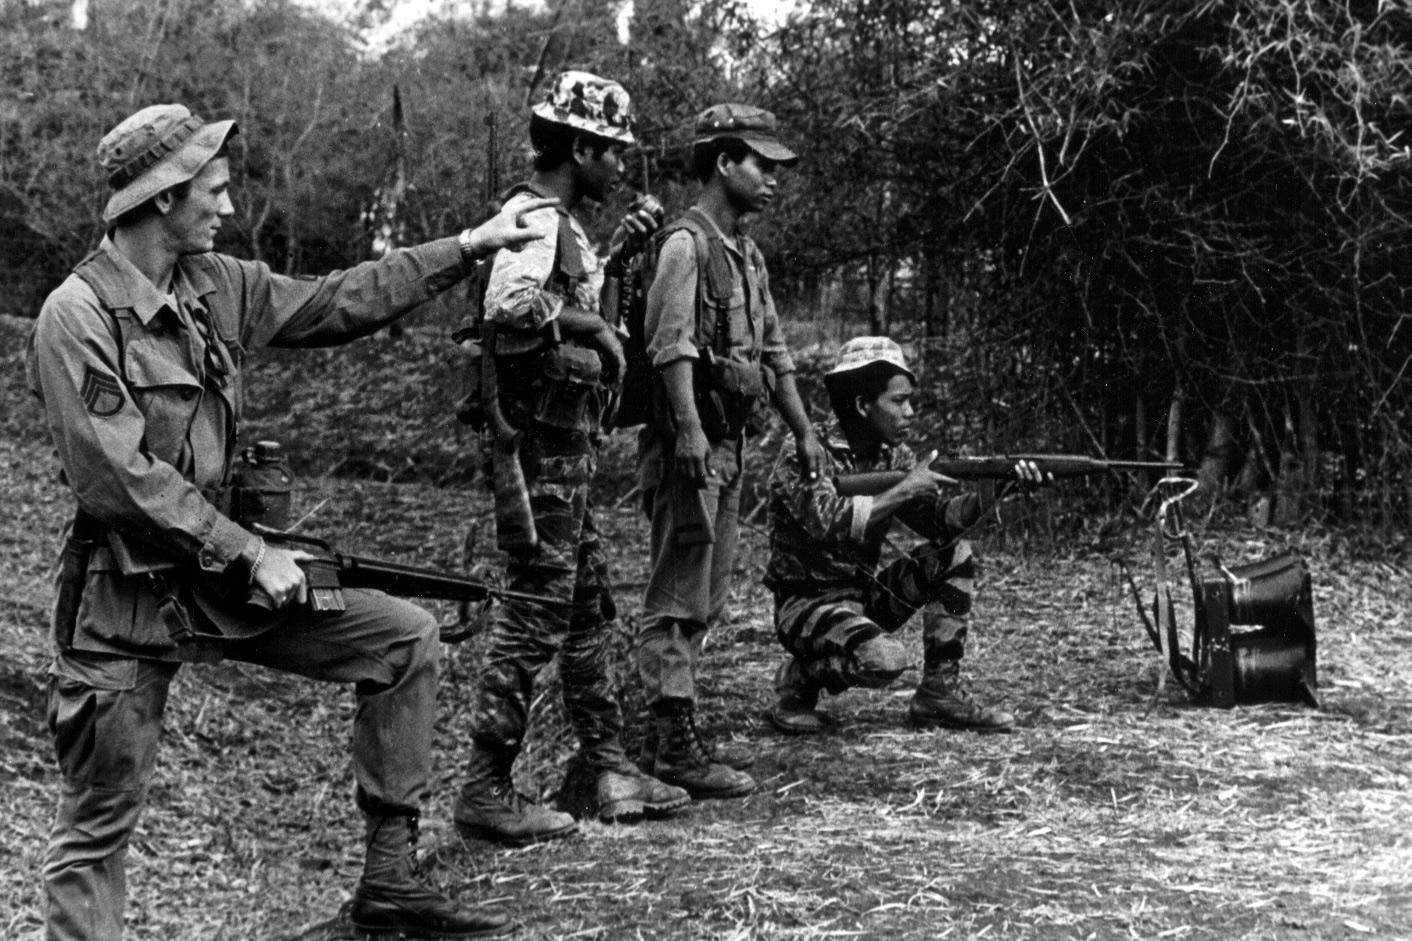 Cái nhìn của người Mỹ về vai trò của FULRO trong Chiến tranh Việt Nam